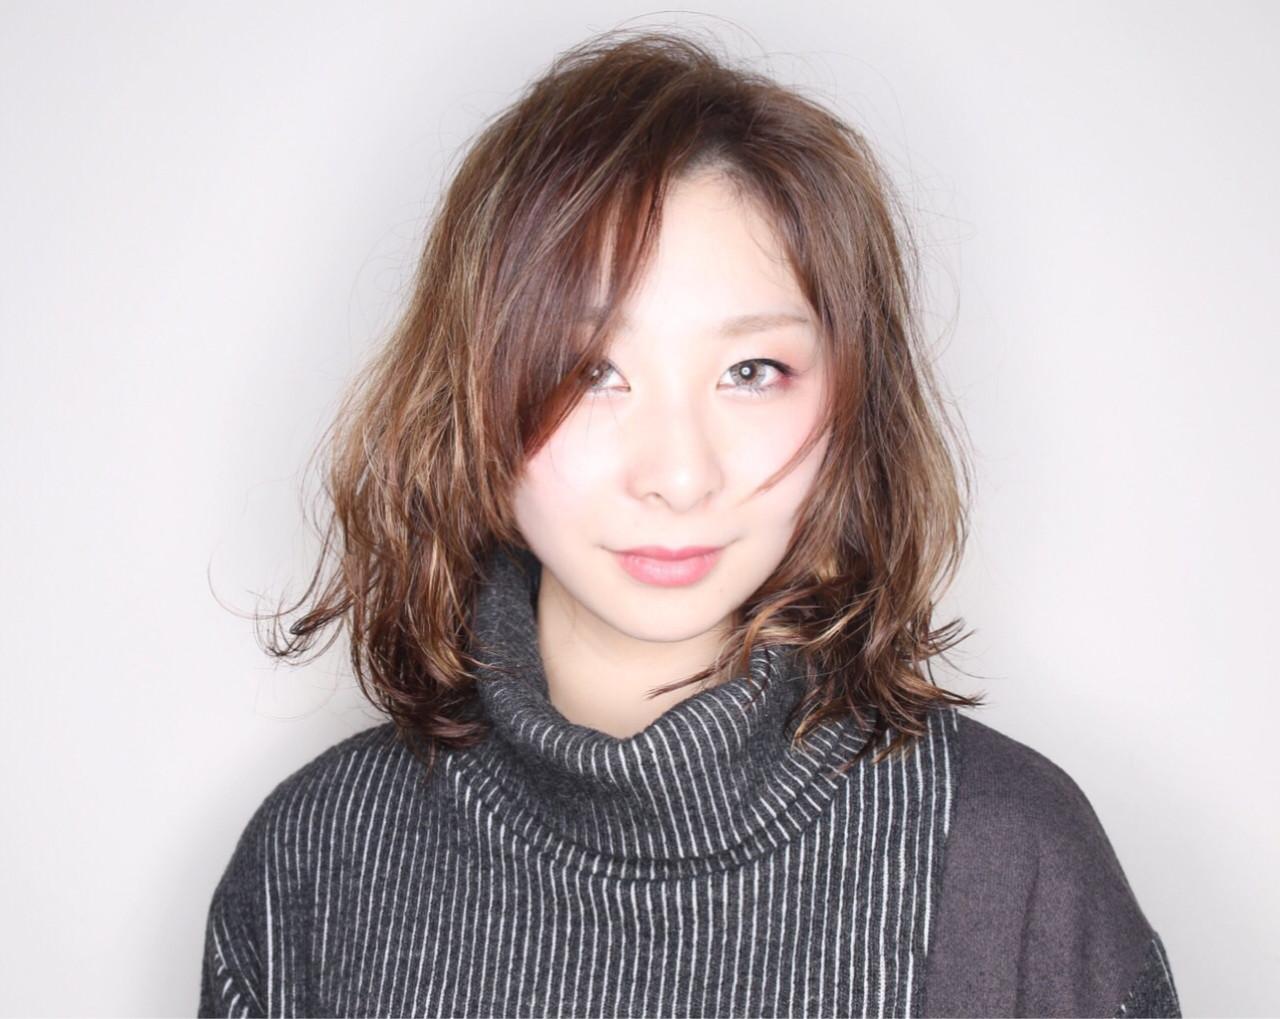 イルミナカラー デジタルパーマ モード アッシュ ヘアスタイルや髪型の写真・画像 | アンナ /